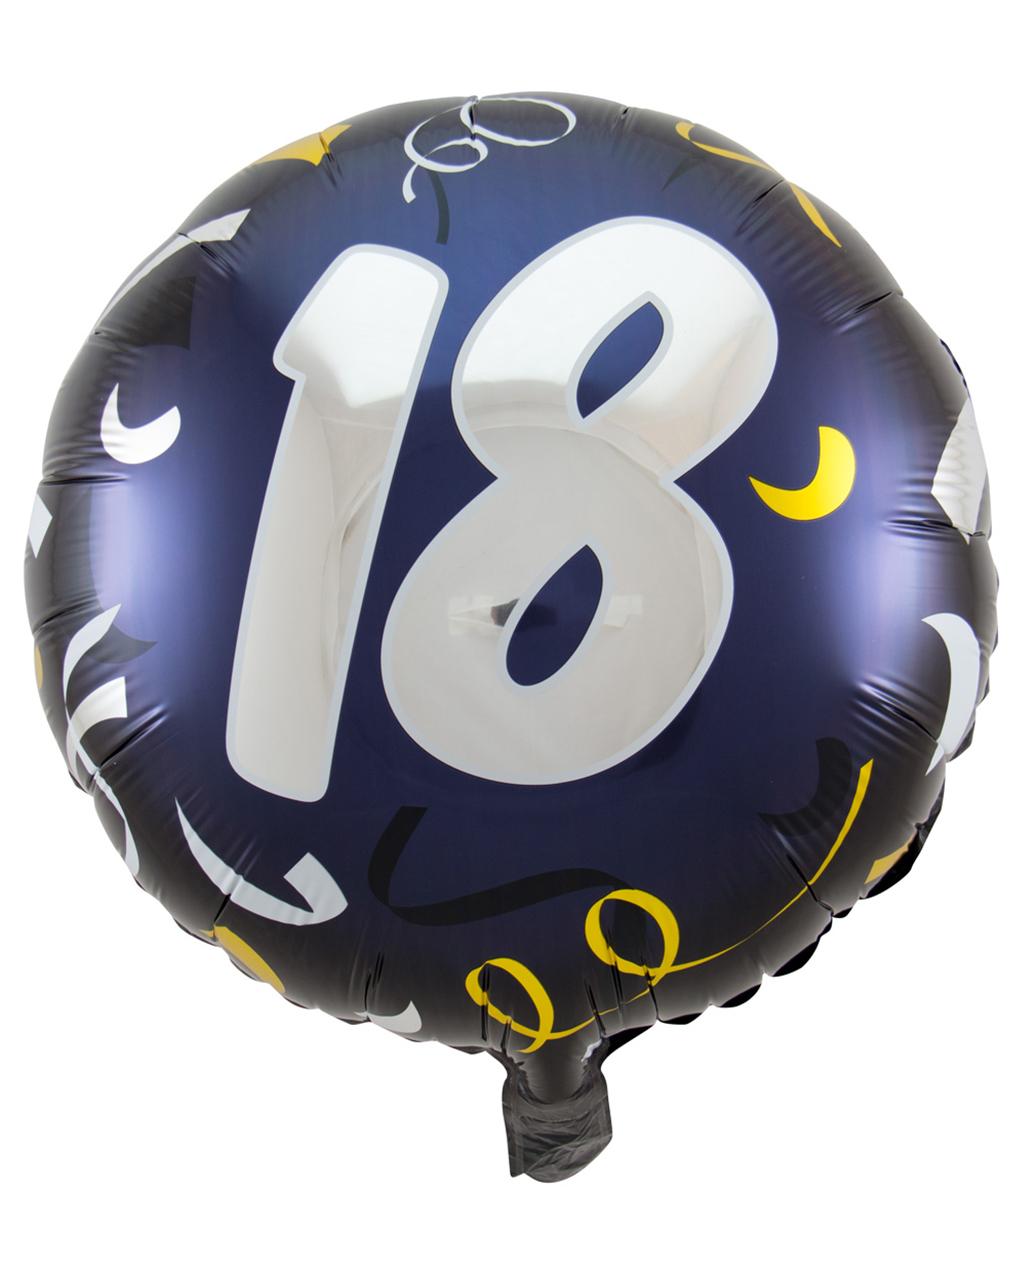 Folienballon 18 schwarz gold 45cm geburtstags deko horror - Deko schwarz gold ...